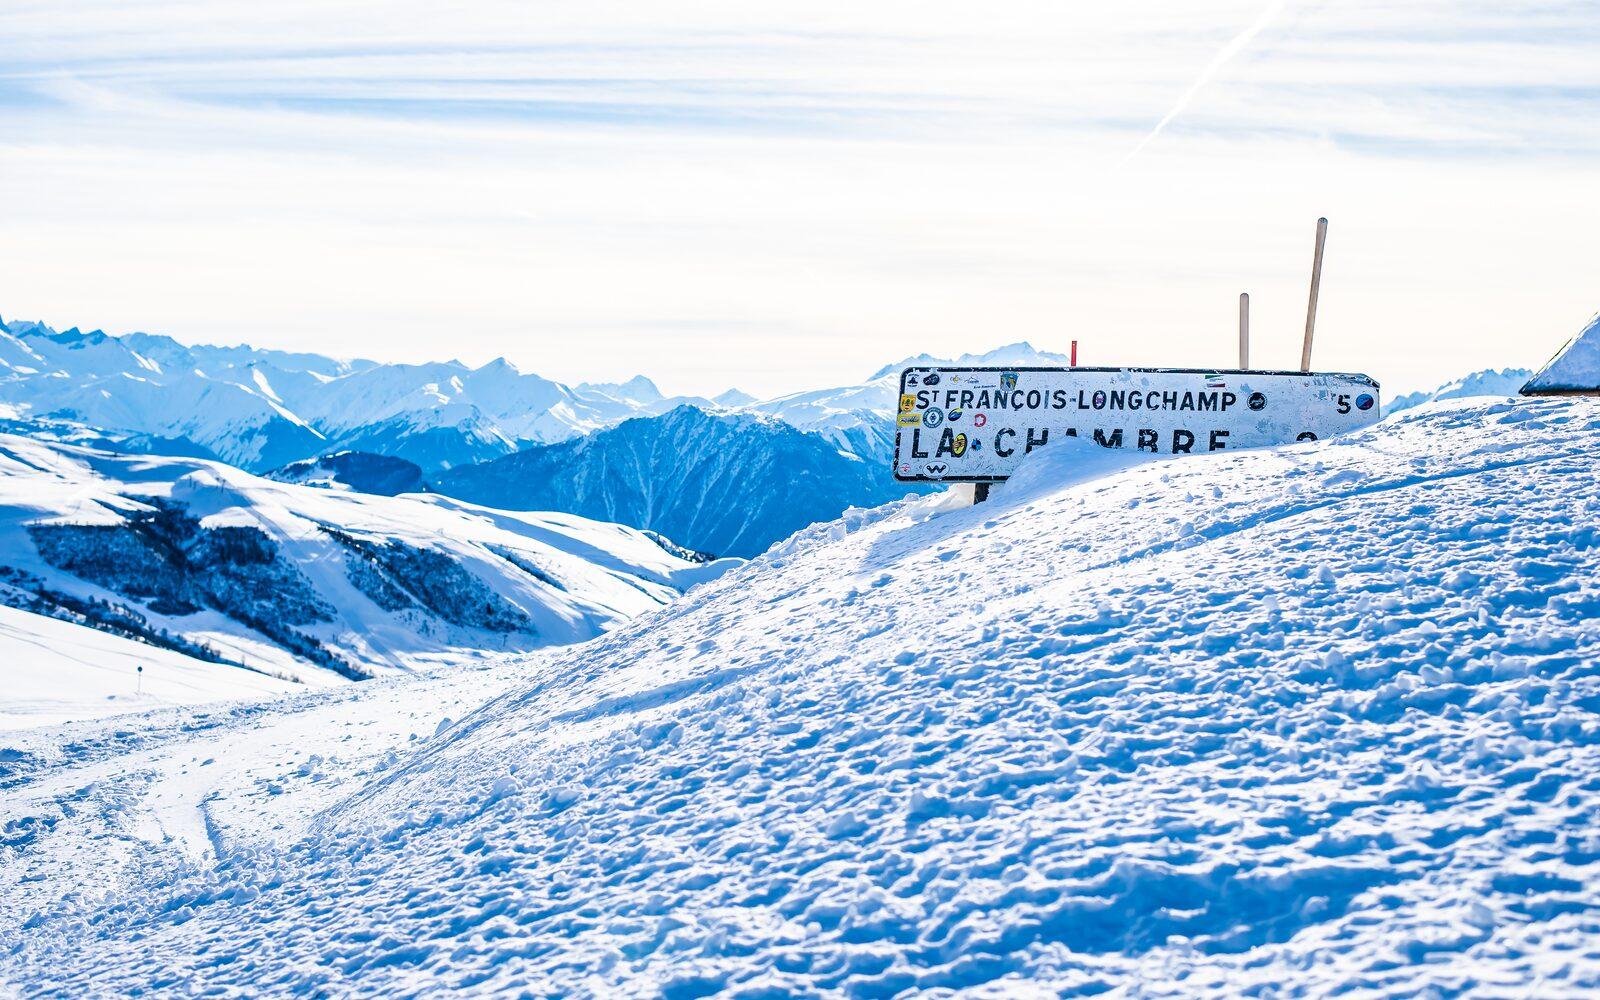 Wintersport Saint Francois Longchamp